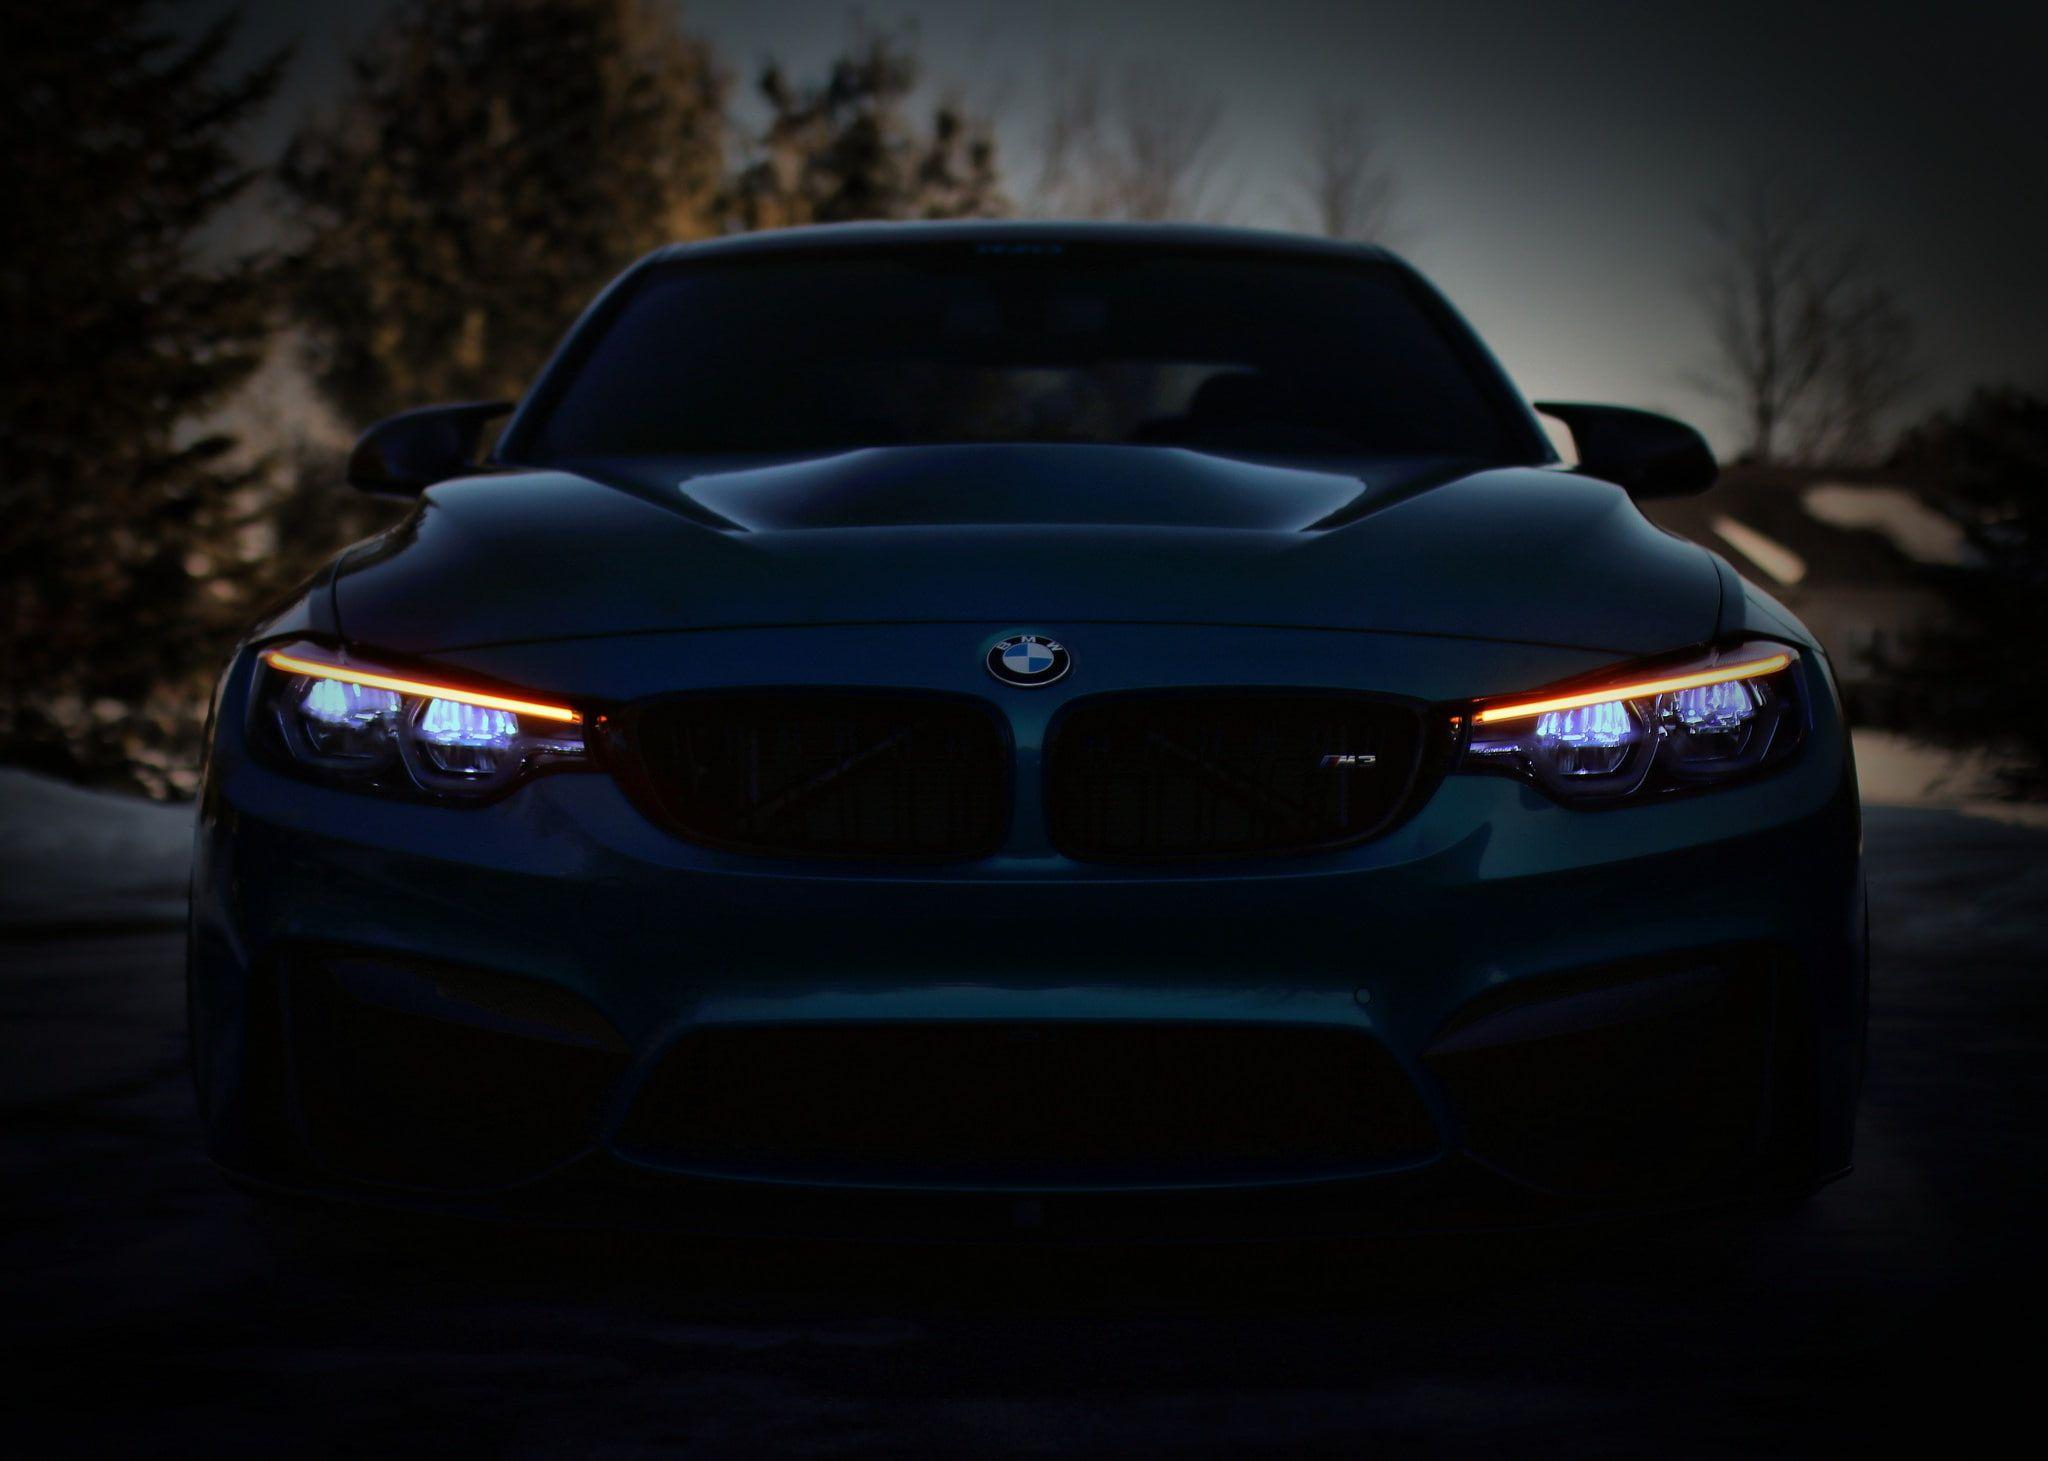 Gray Bmw Car Bmw Blue Front F80 Sight Led 1080p Wallpaper Hdwallpaper Desktop Bmw Grey Bmw Bmw M4 Blue